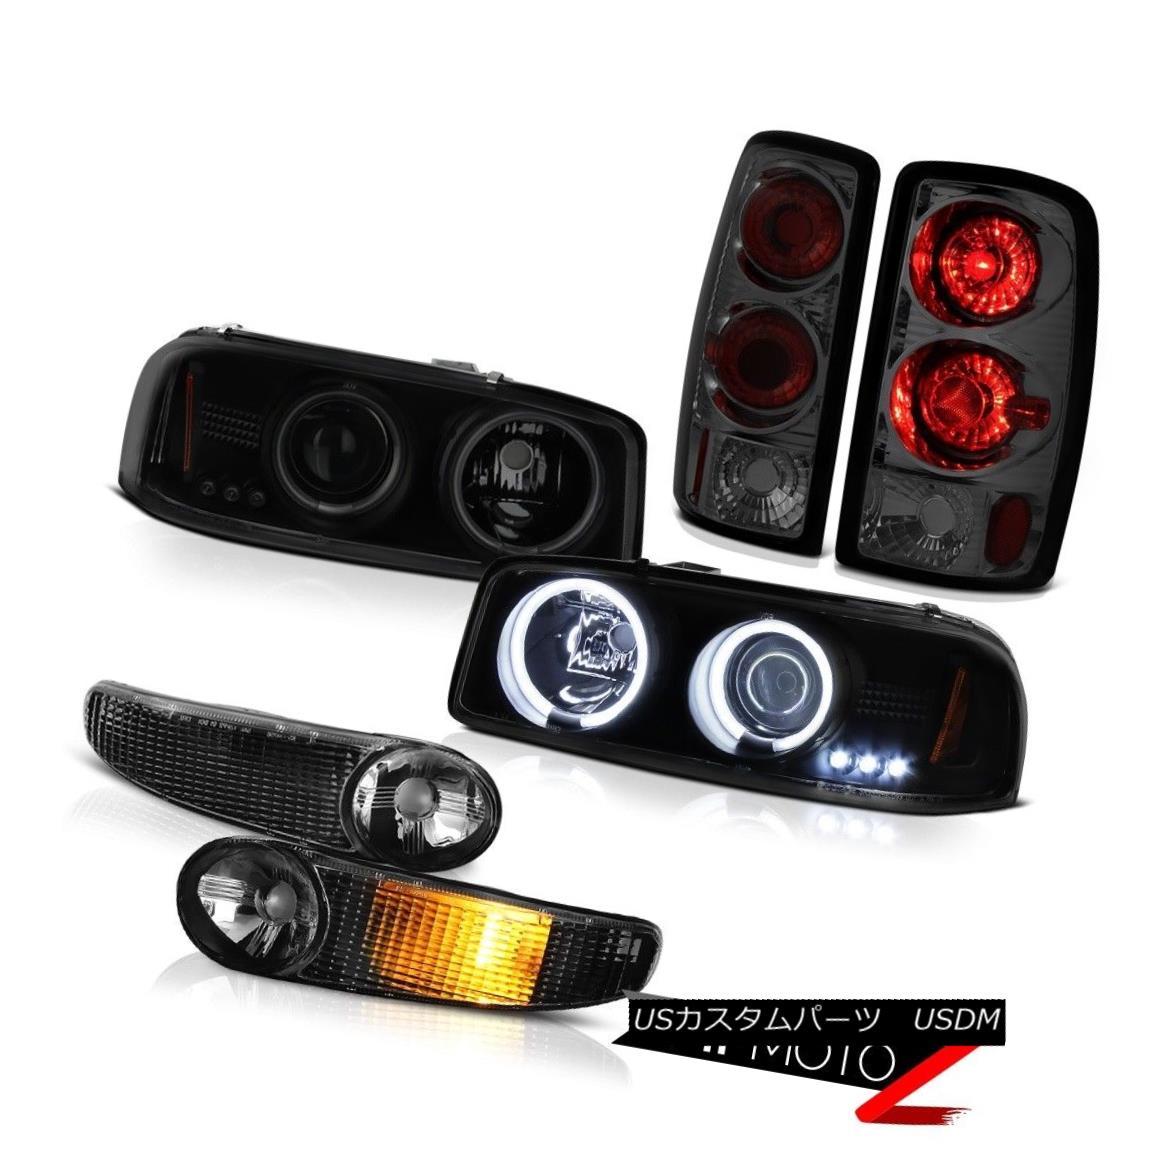 ヘッドライト Altezza Tail Lights 00-06 Yukon Denali Bright CCFL Halo Headlights Signal Bumper Altezza Tail Lights 00-06ユーコンデナリブライトCCFL Haloヘッドライトシグナルバンパー